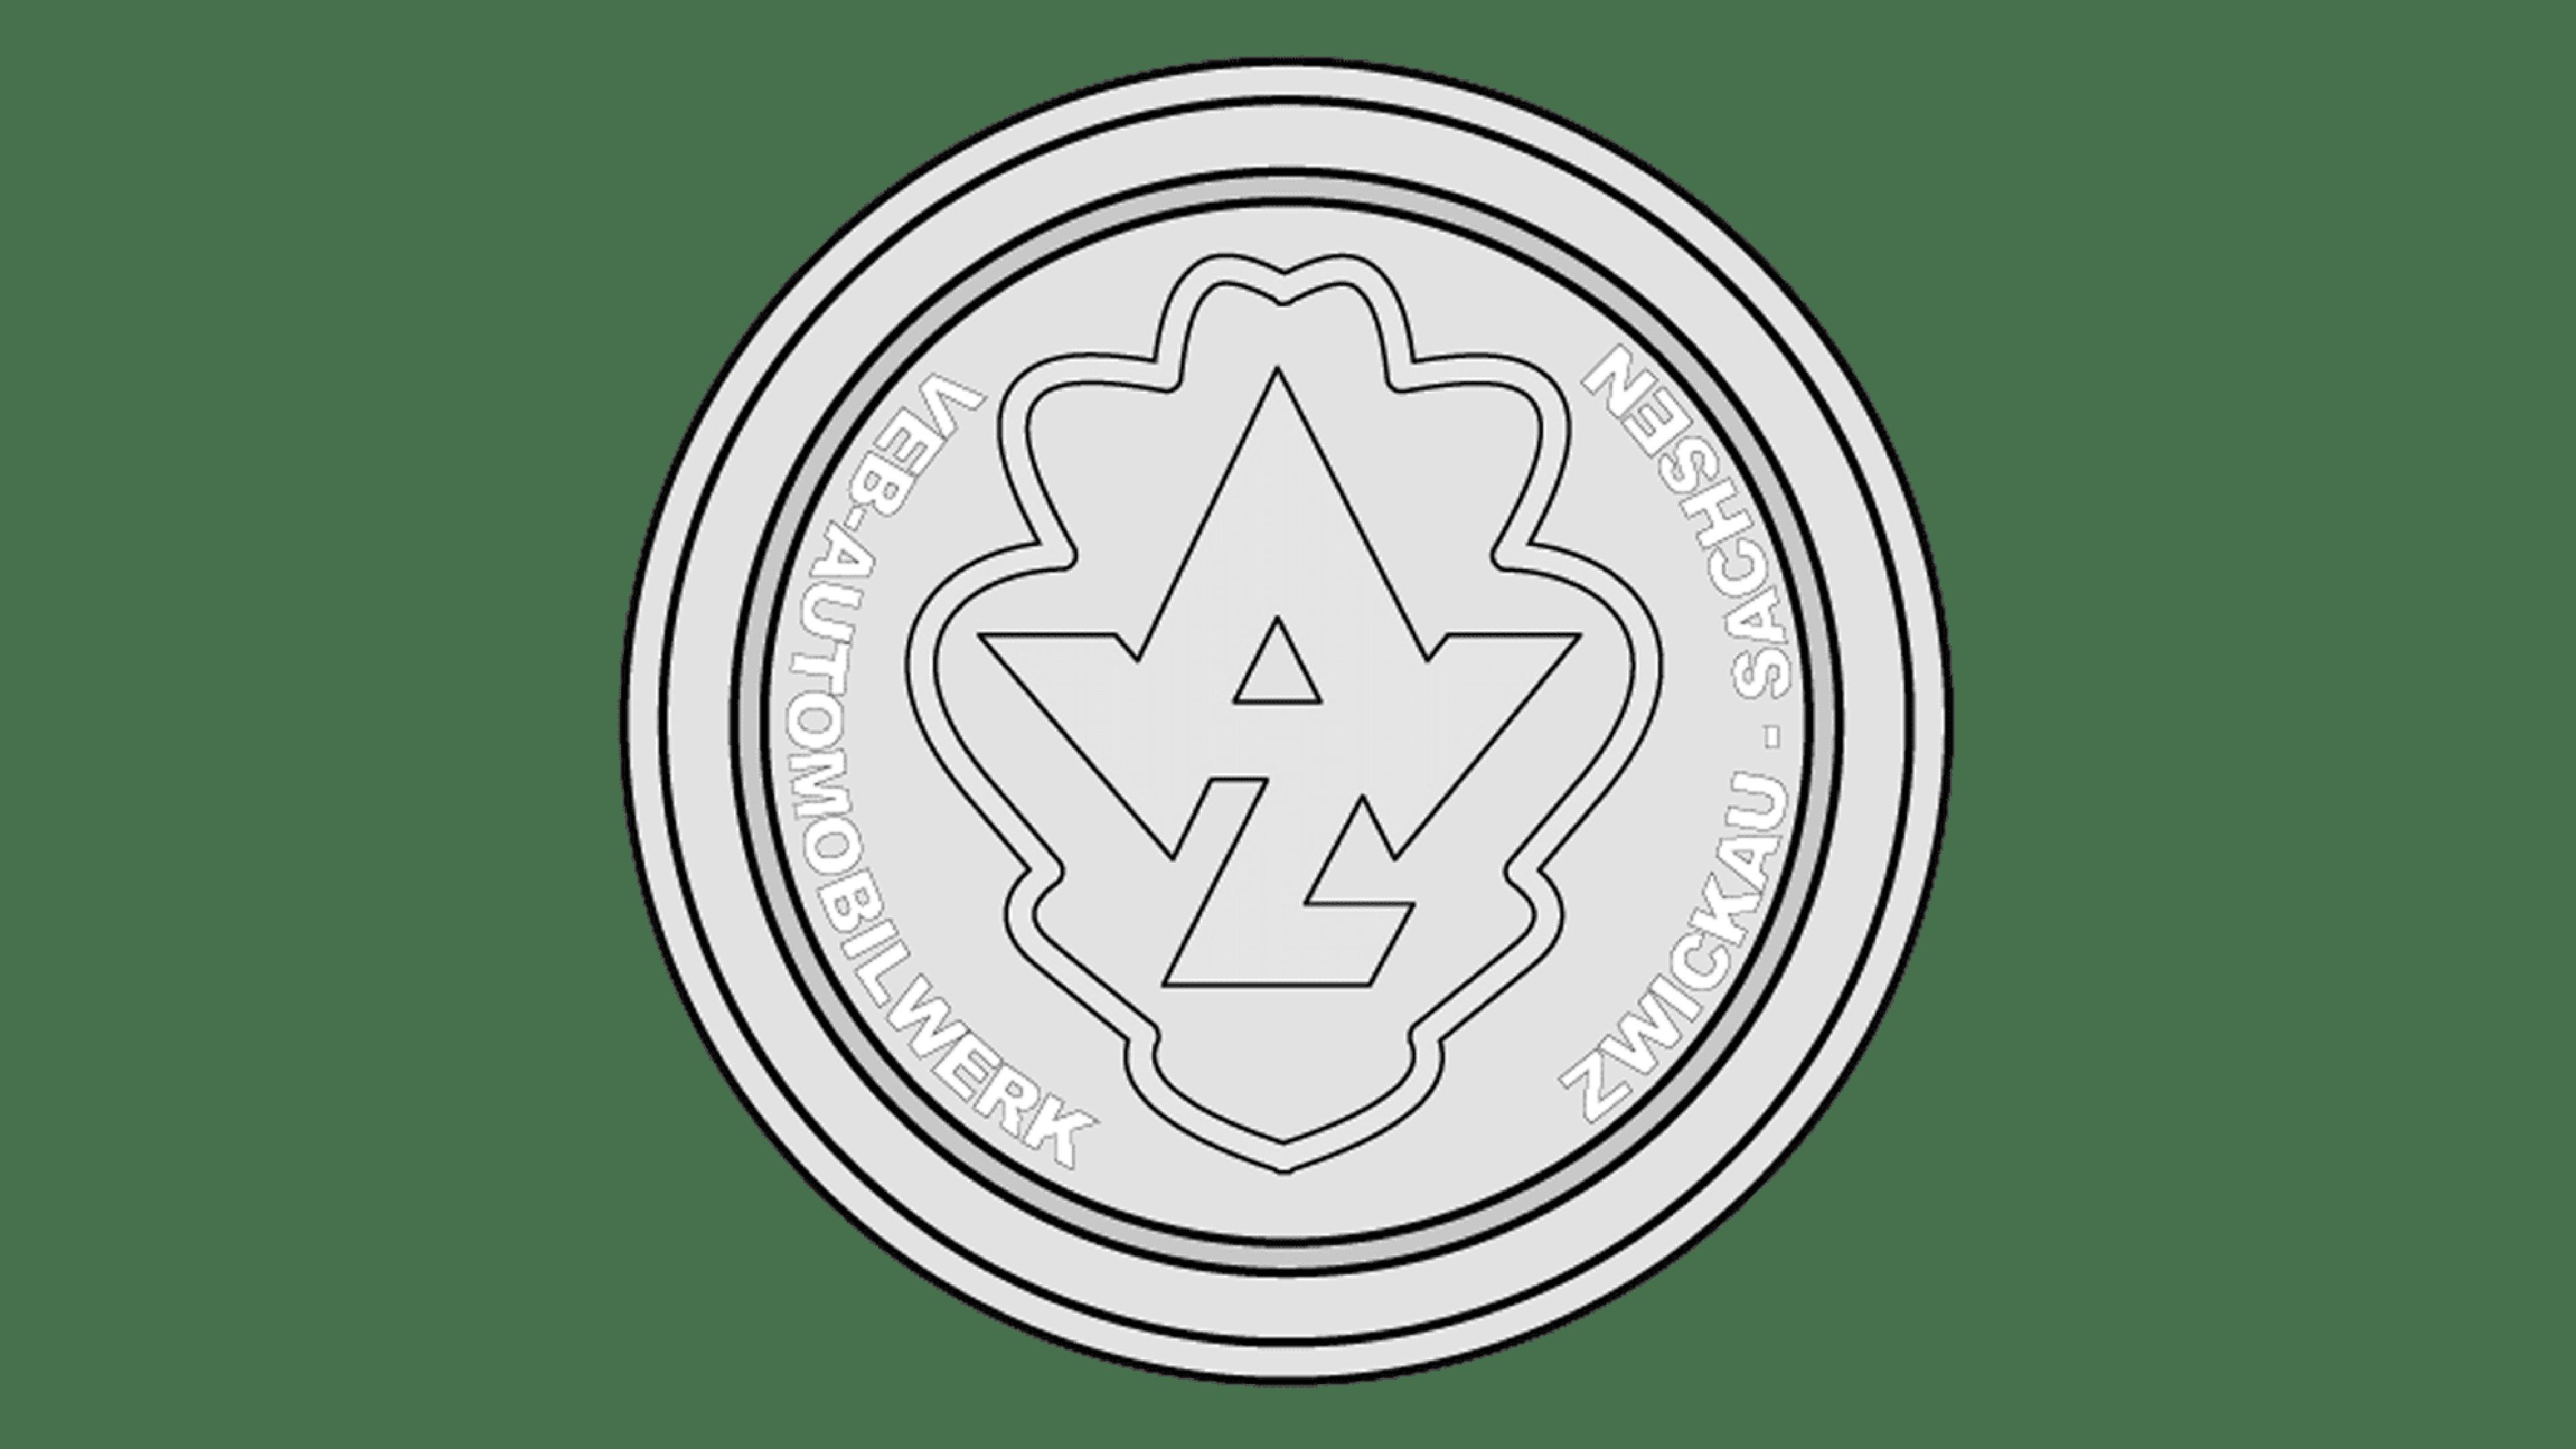 AWZ Logo Logo